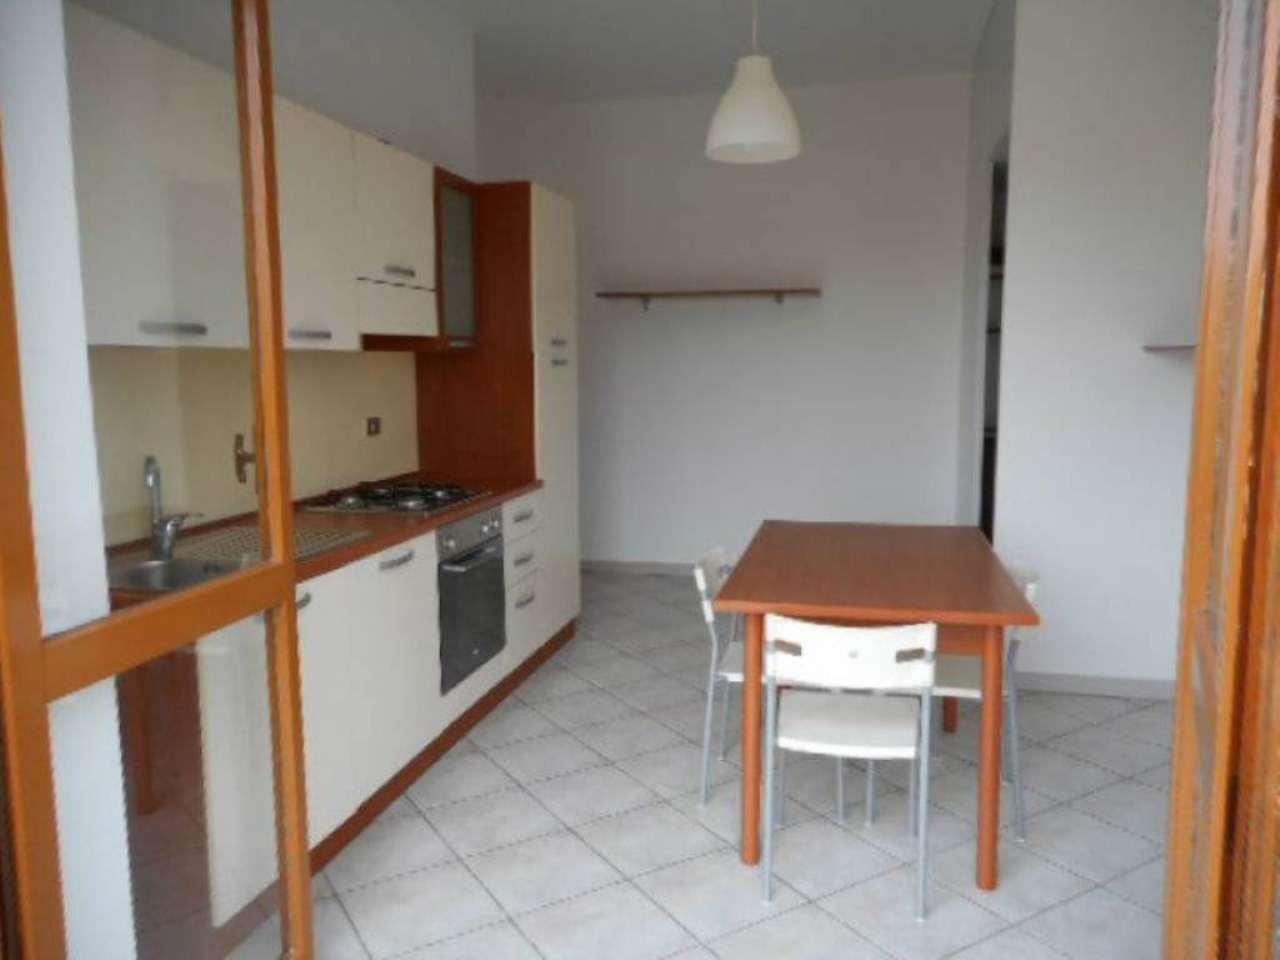 Appartamento in affitto a Bovisio Masciago, 3 locali, prezzo € 475 | CambioCasa.it